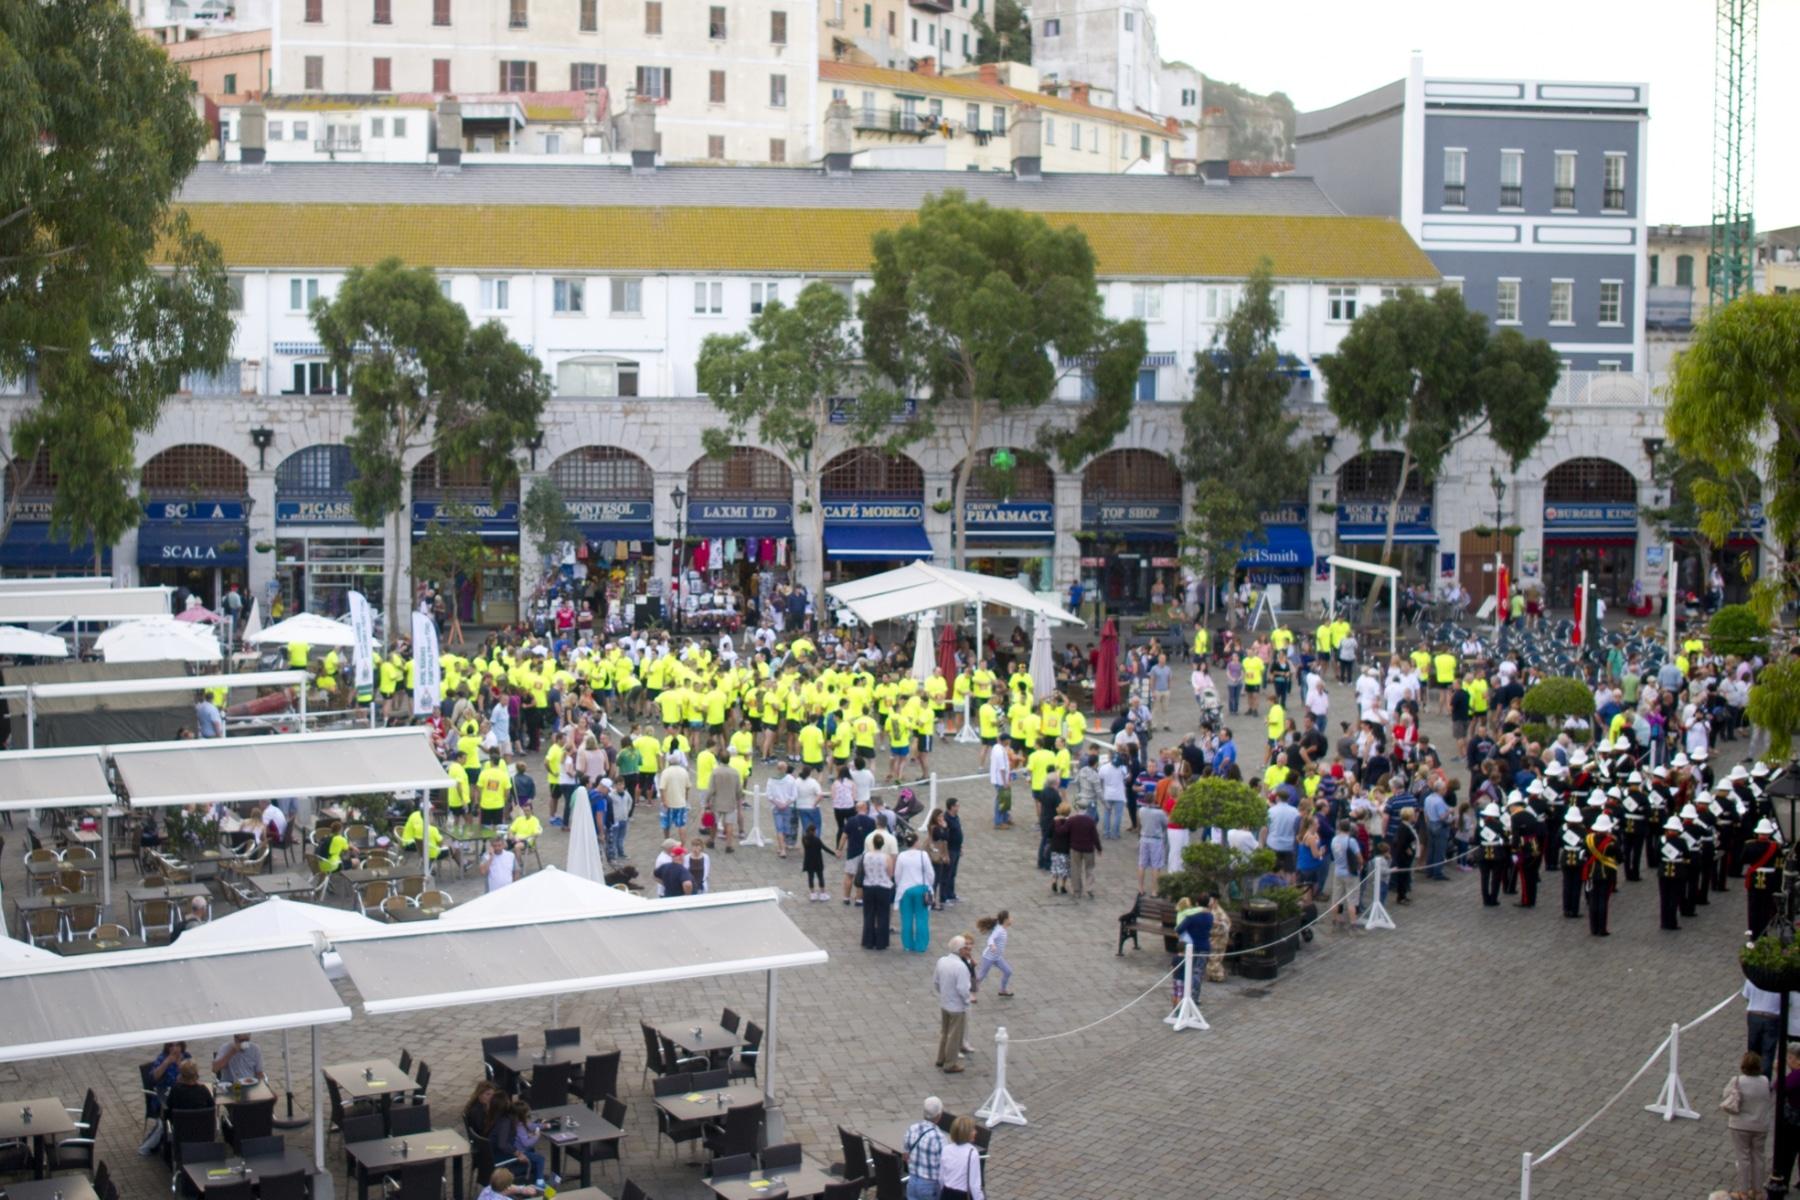 henry-cavill-en-la-carrera-del-350-aniversario-de-los-royal-marines-en-gibraltar-25-octubre-201412_15624603862_o